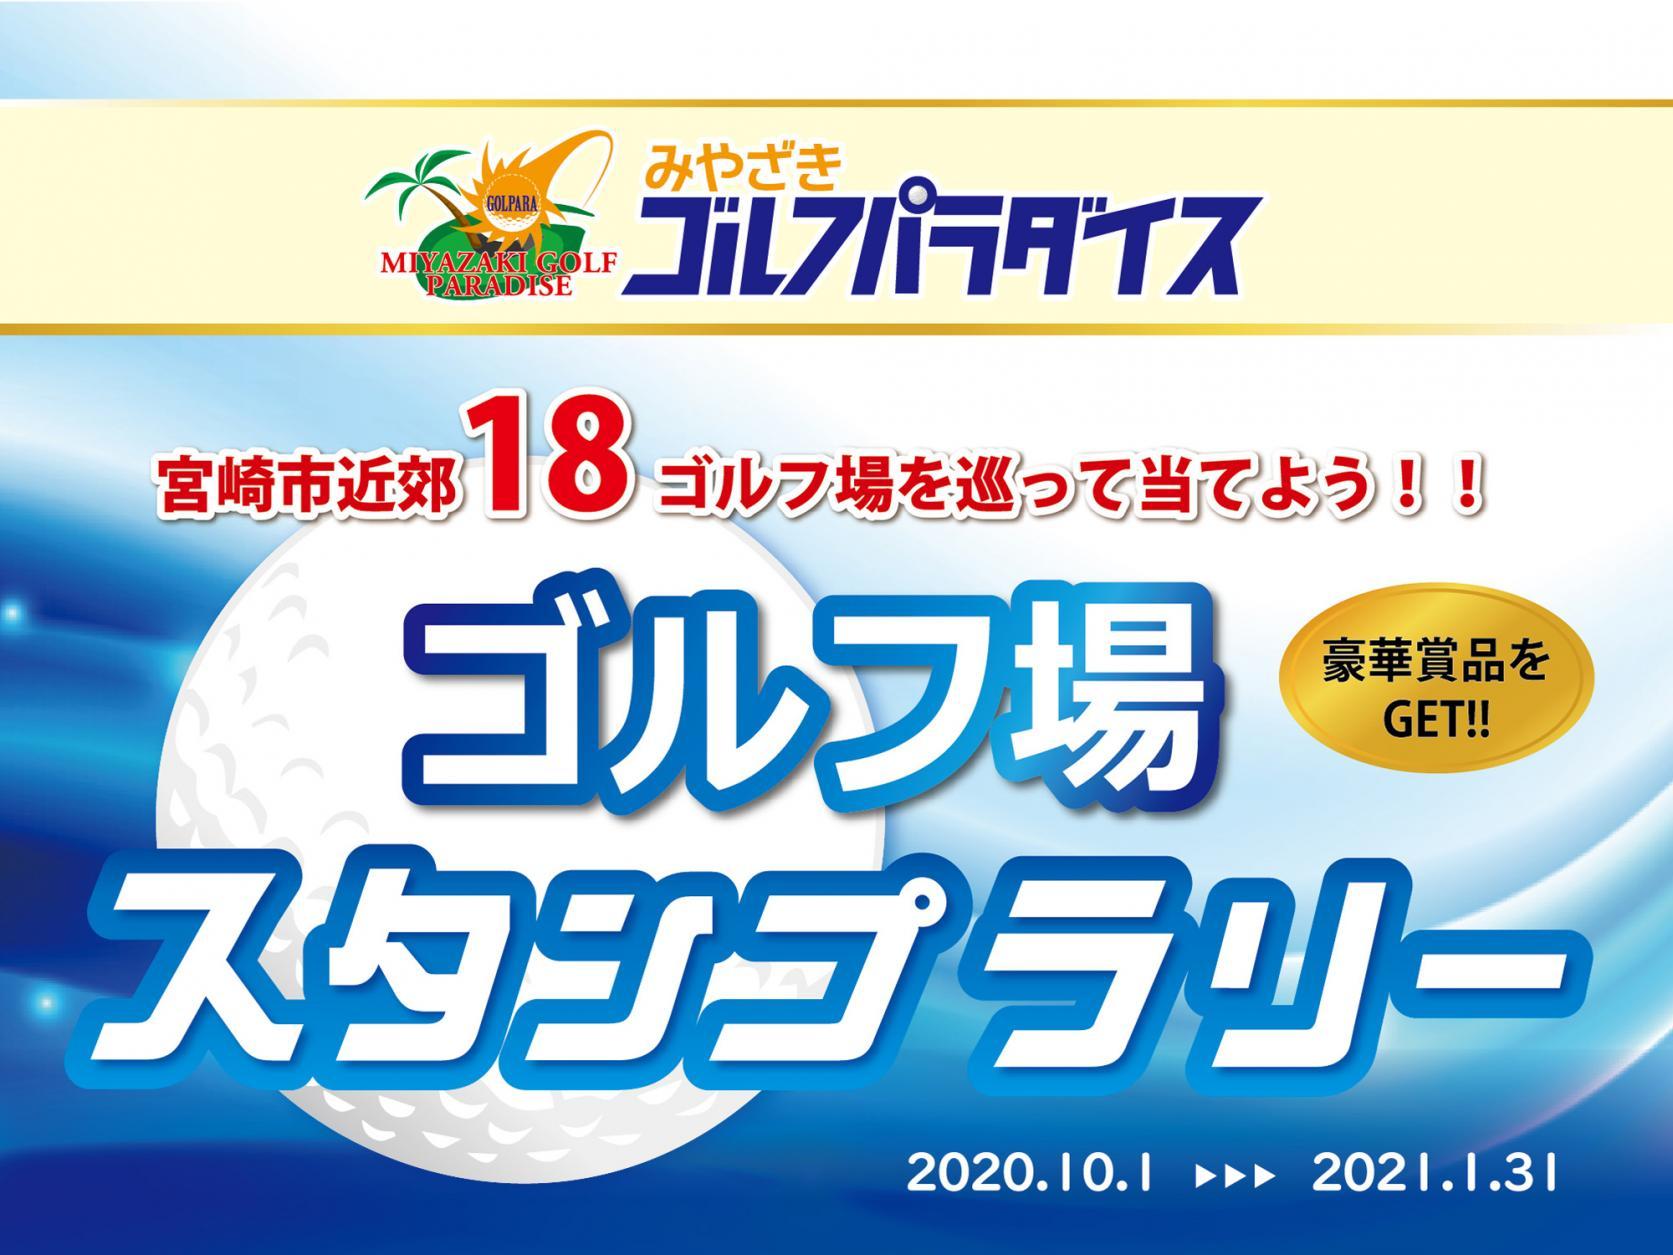 『みやざきゴルフパラダイス』~ゴルフ場スタンプラリー~